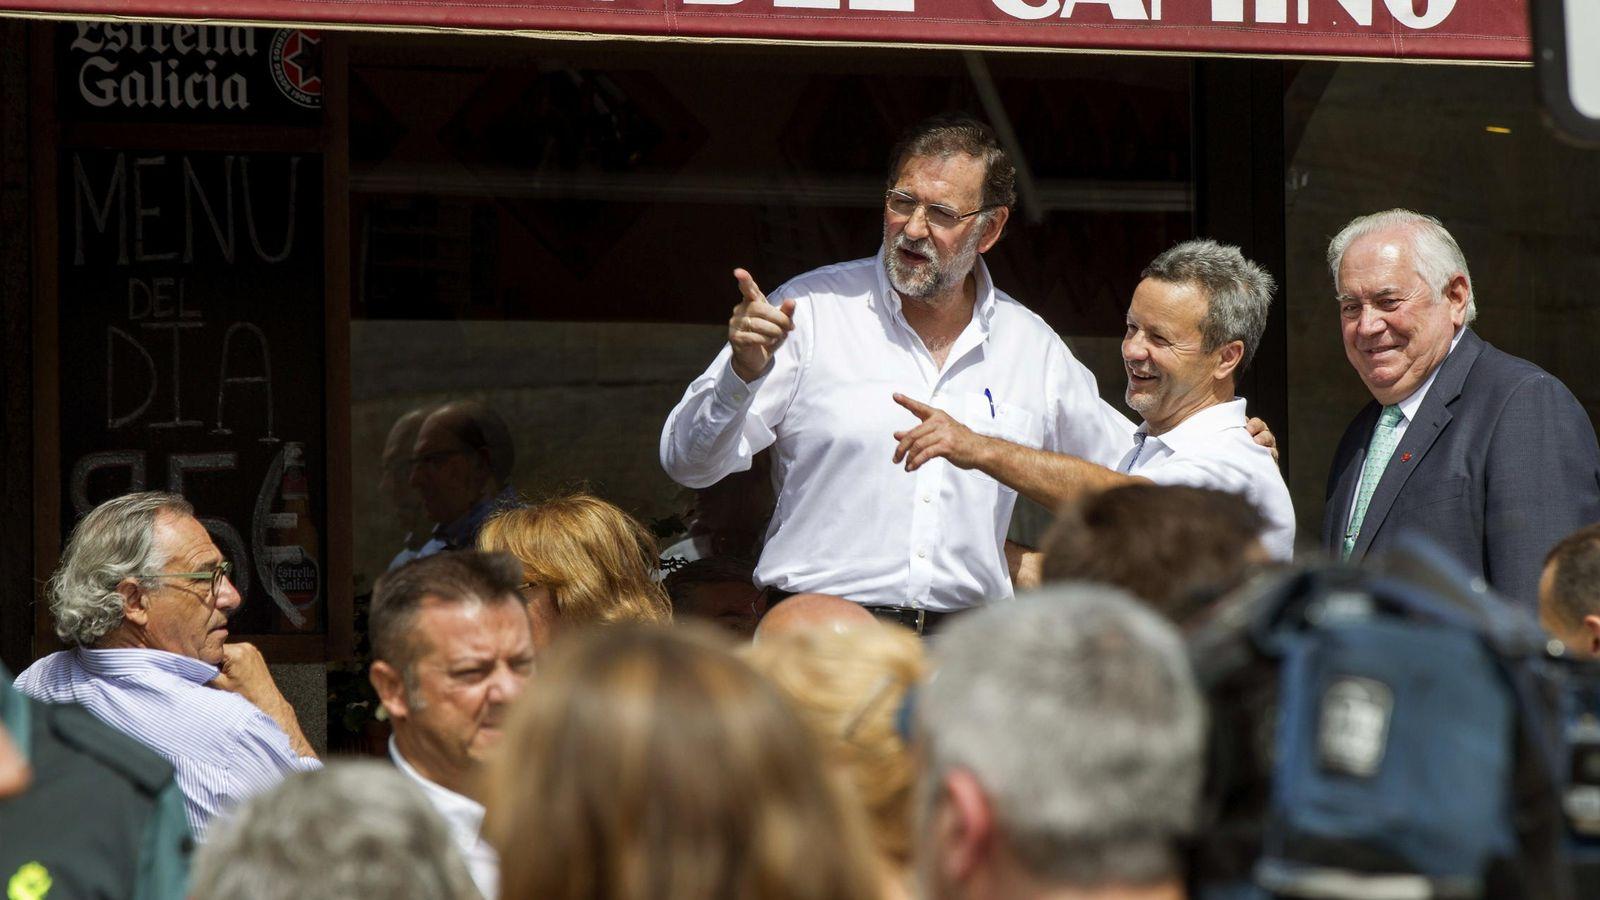 Foto: El presidente del Gobierno, Mariano Rajoy, durante una visita a Portomarín. (EFE)